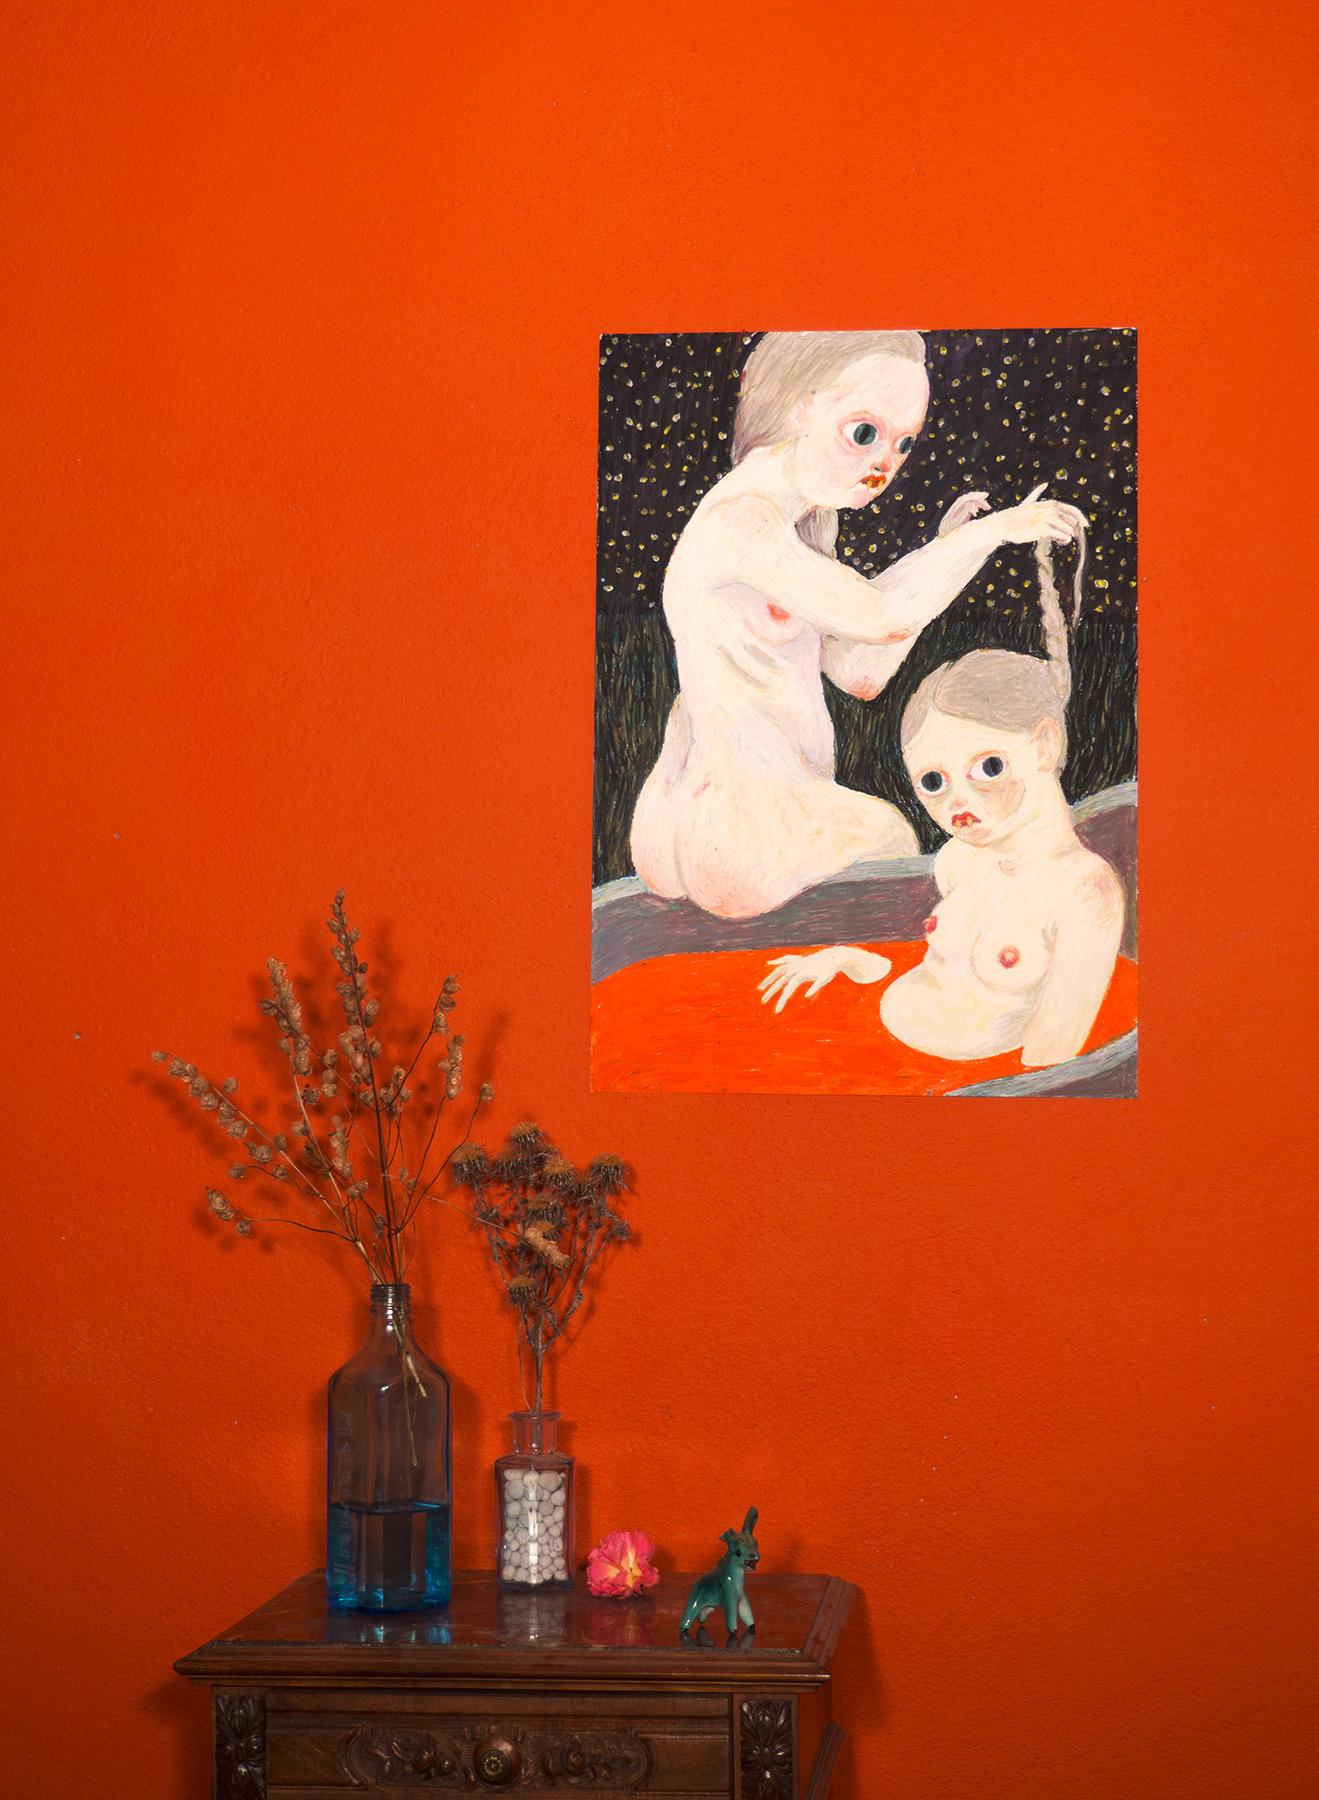 tegninger, farverige, ekspressionistiske, illustrative, portræt, kroppe, stemninger, natur, seksualitet, beige, sorte, brune, røde, papir, olie, samtidskunst, mørke, erotiske, kvindelig, feminist, have, piger, interiør, bolig-indretning, moderne, moderne-kunst, nat, skandinavisk, teenage, kvinder, Køb original kunst og kunstplakater. Malerier, tegninger, limited edition kunsttryk & plakater af dygtige kunstnere.